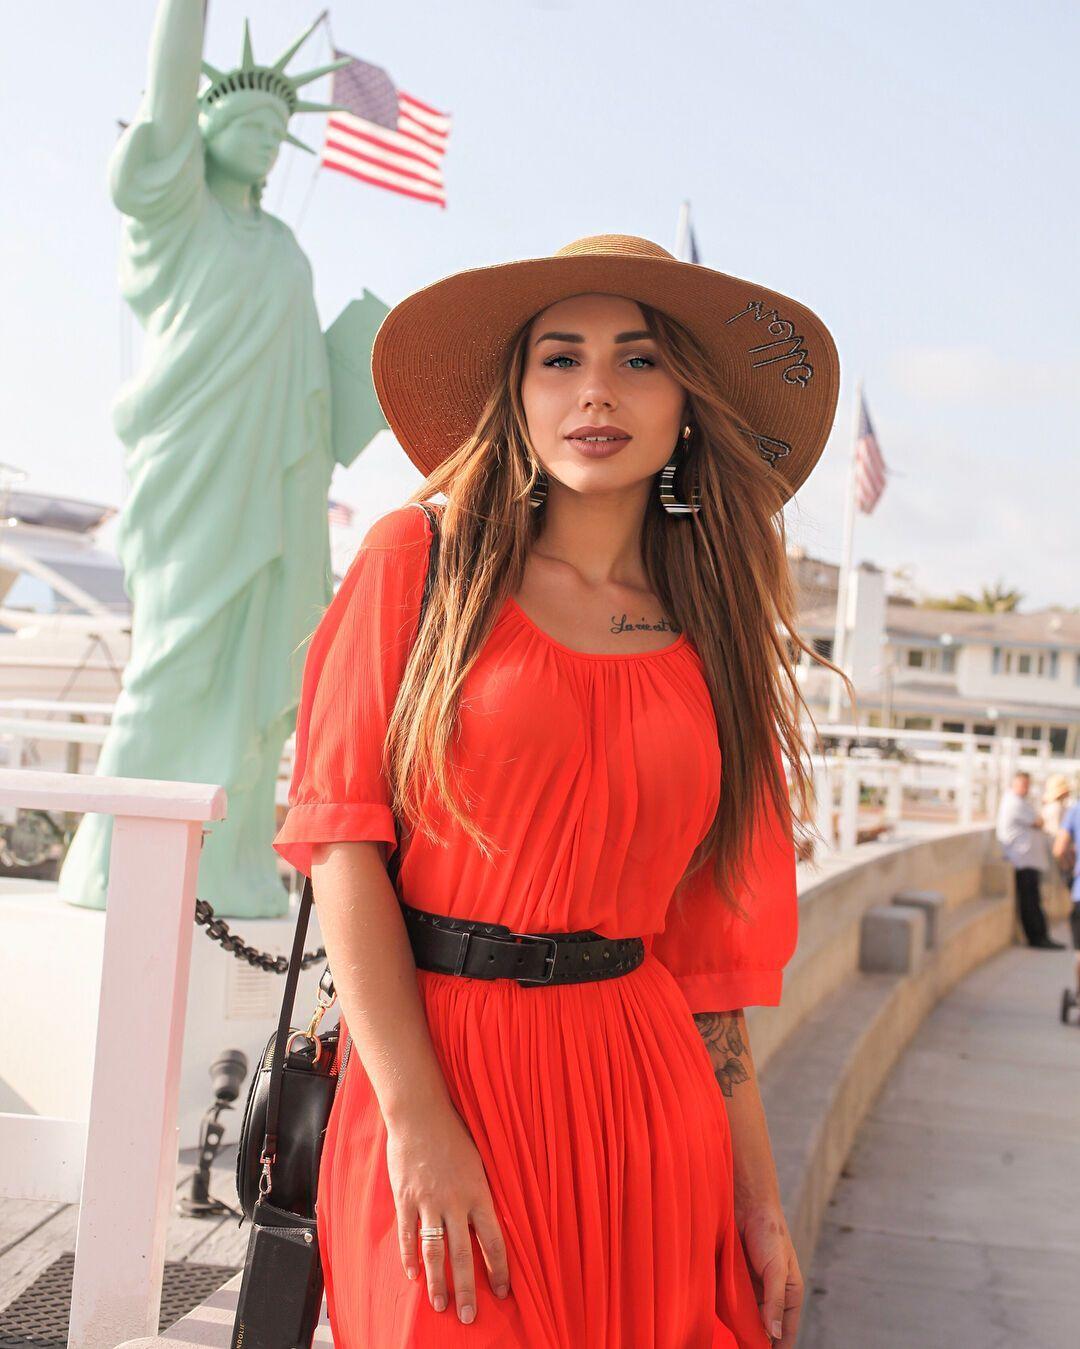 Украинка рассказала о жизни в США.